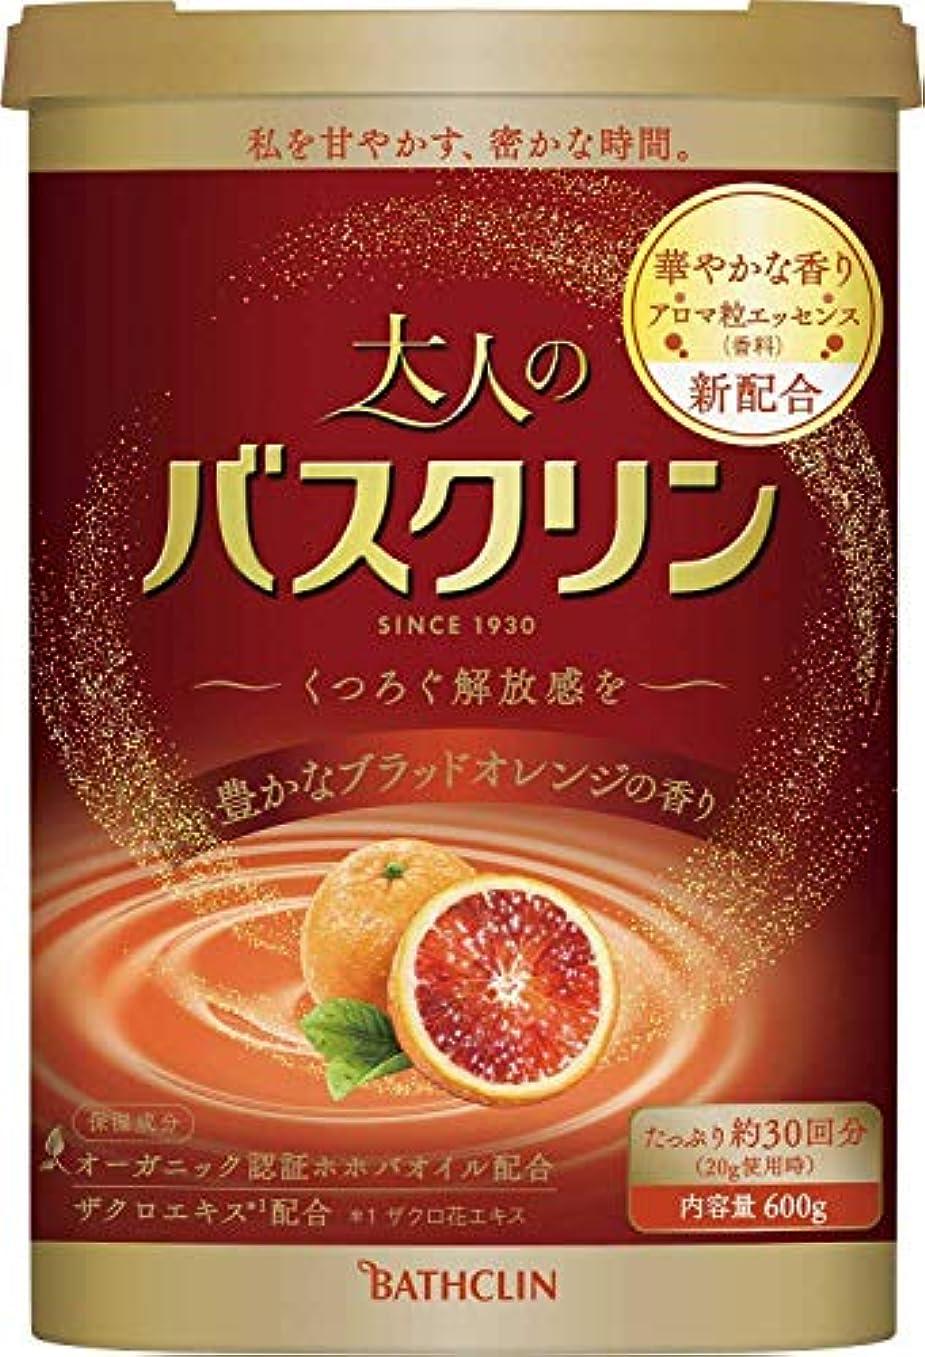 警告する変装静的大人のバスクリン豊かなブラッドオレンジの香り600g入浴剤(約30回分)